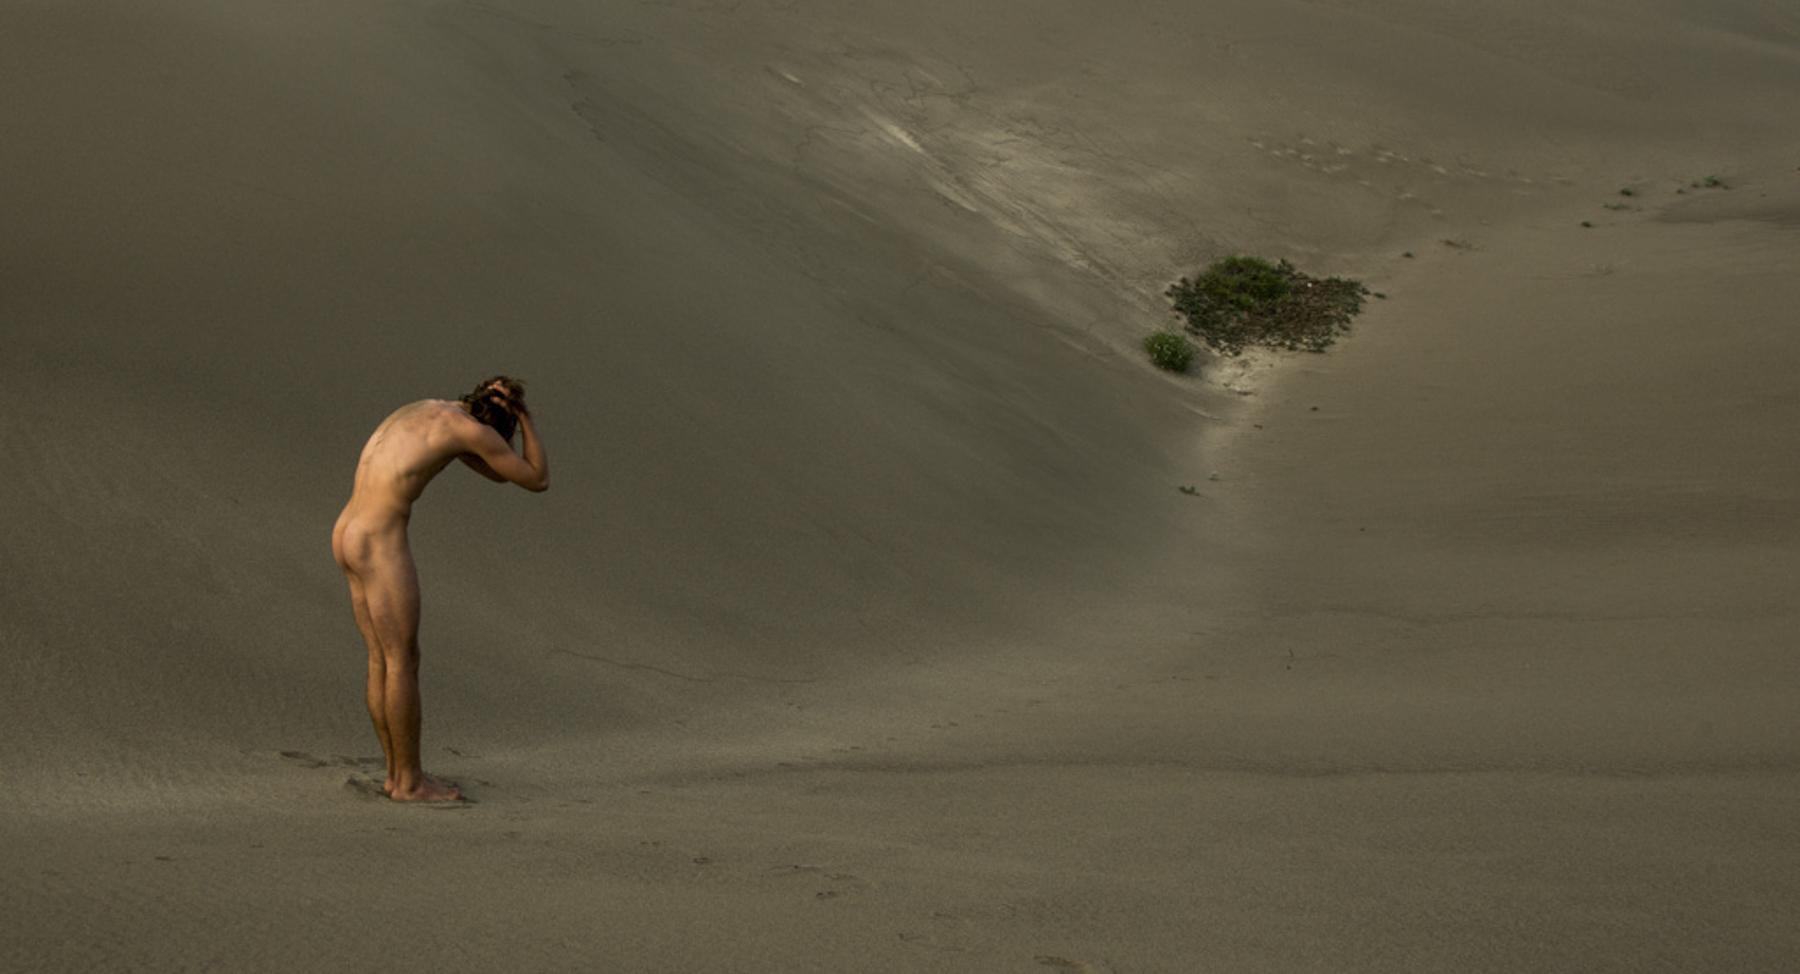 Isabel_Karl-Herunter_Agony in the Desert.jpg